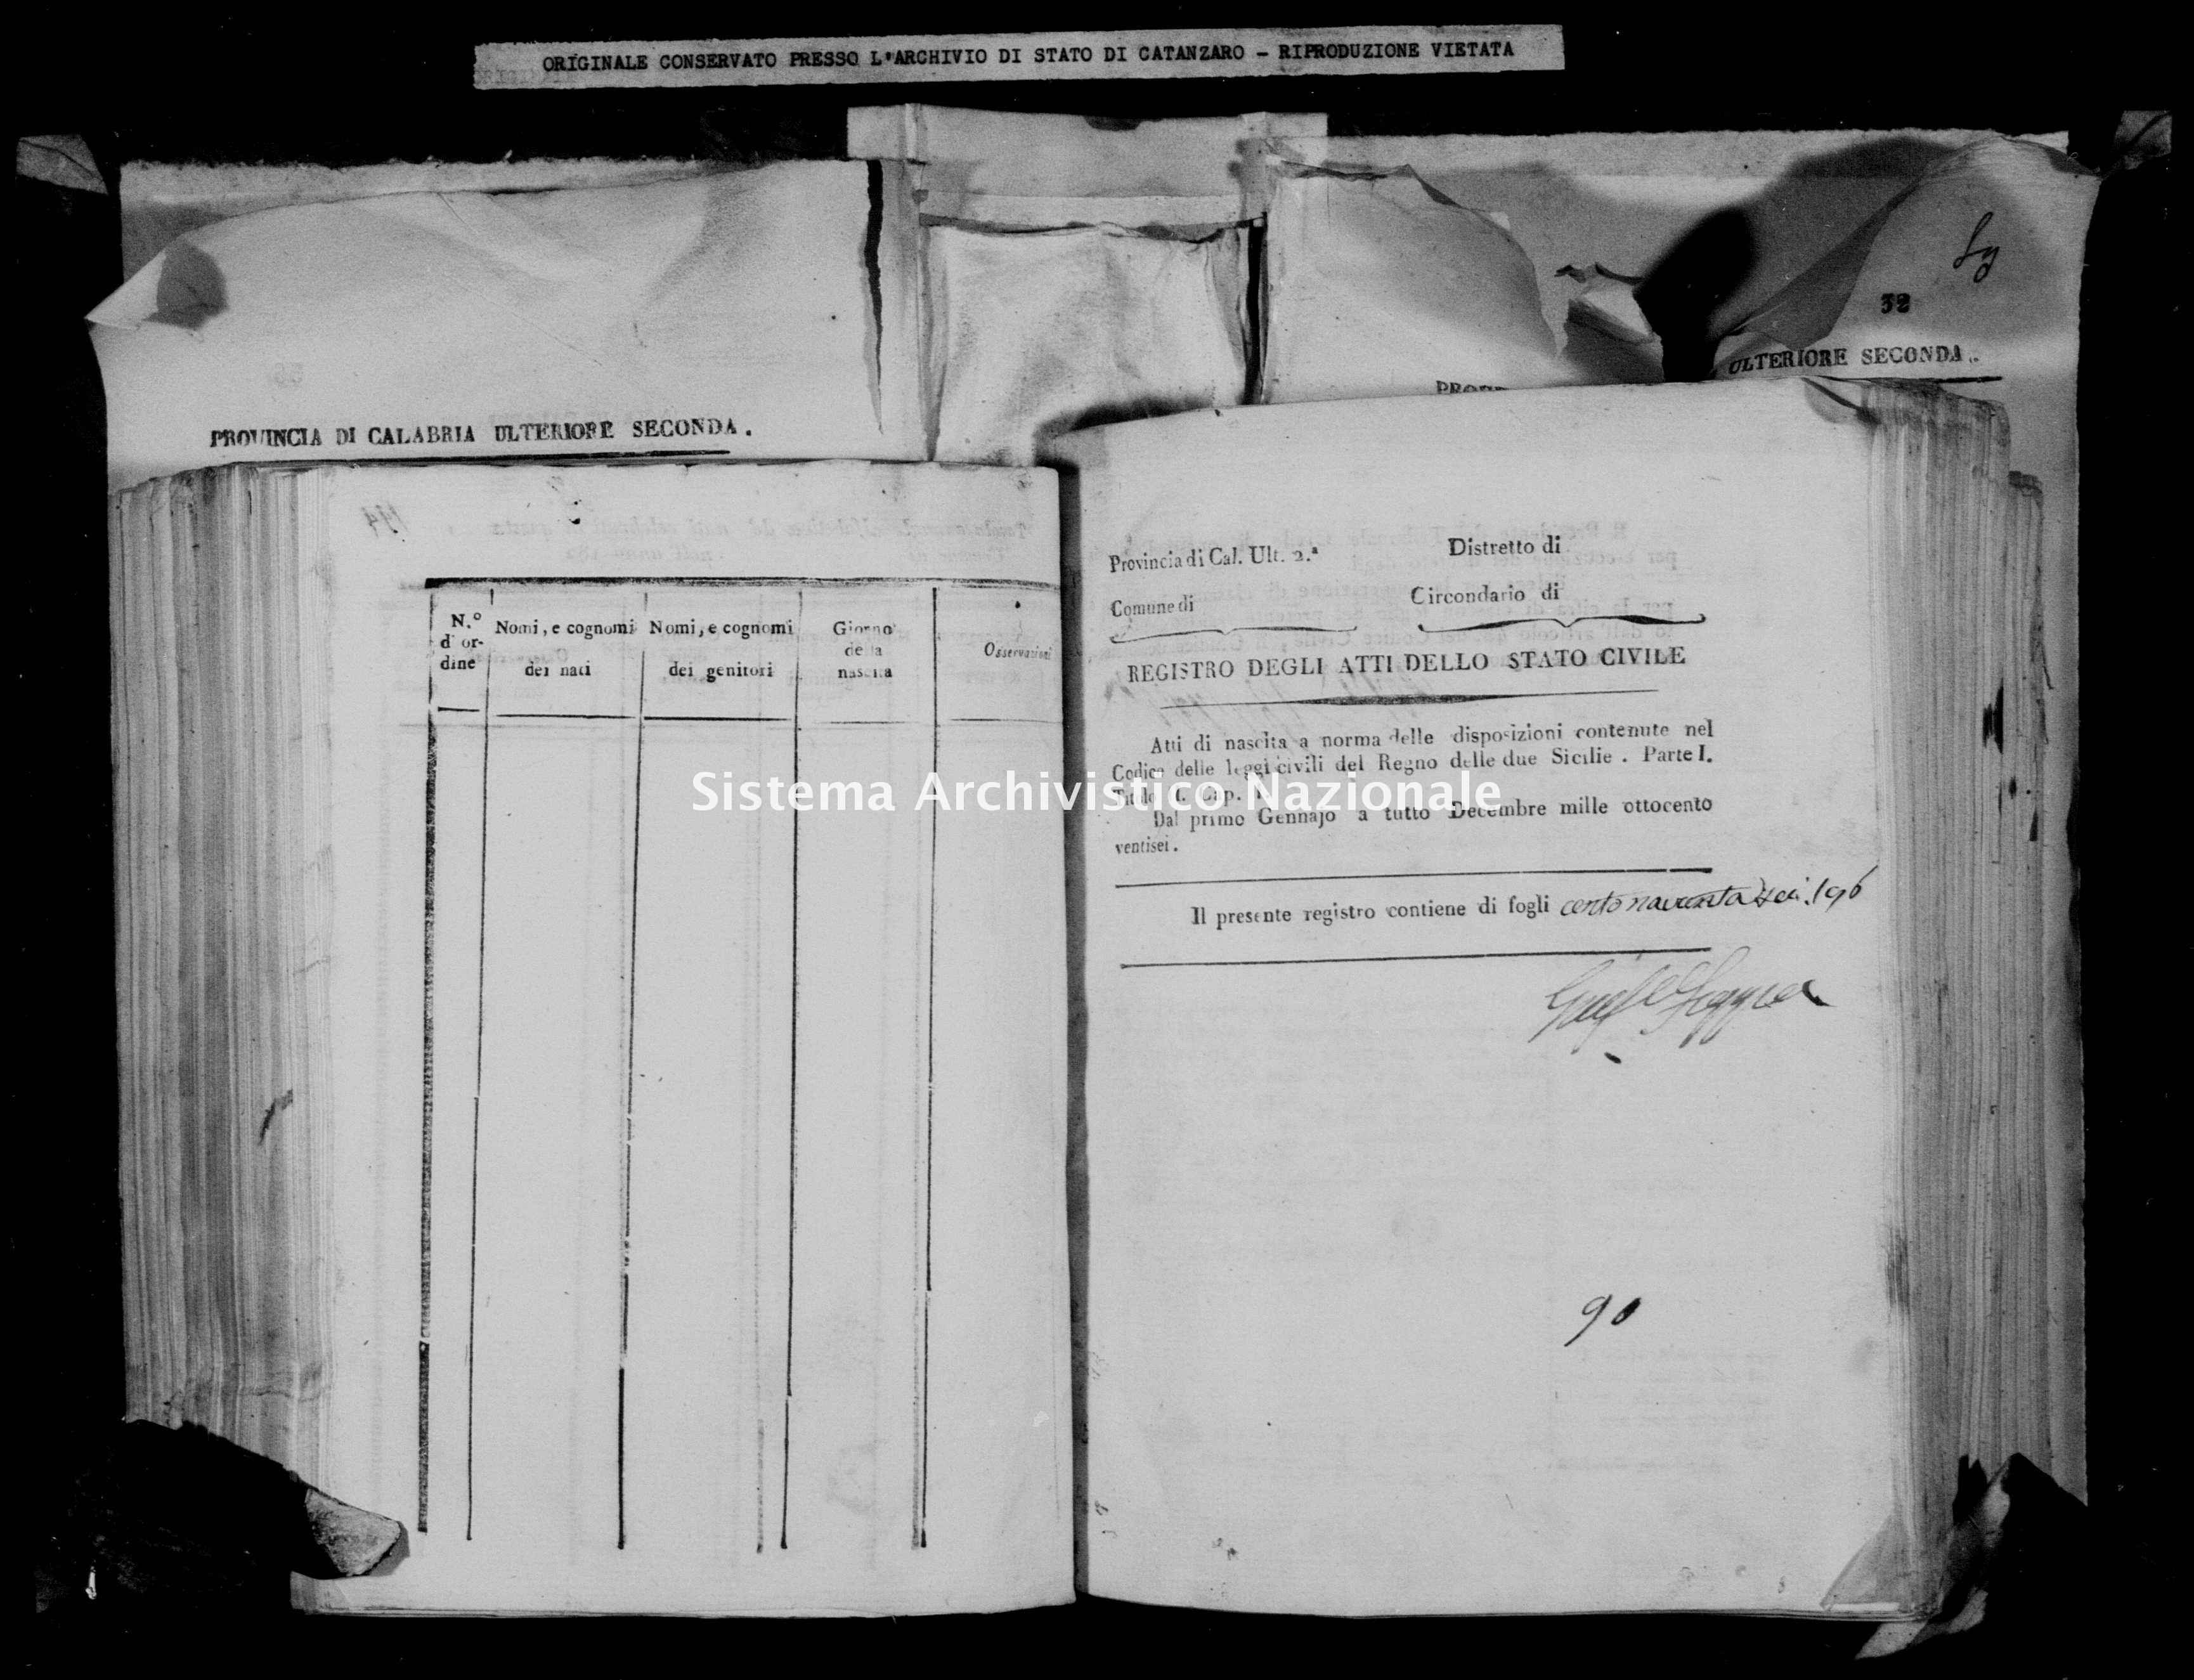 Archivio di stato di Catanzaro - Stato civile della restaurazione - Cirò - Nati - 1826 -